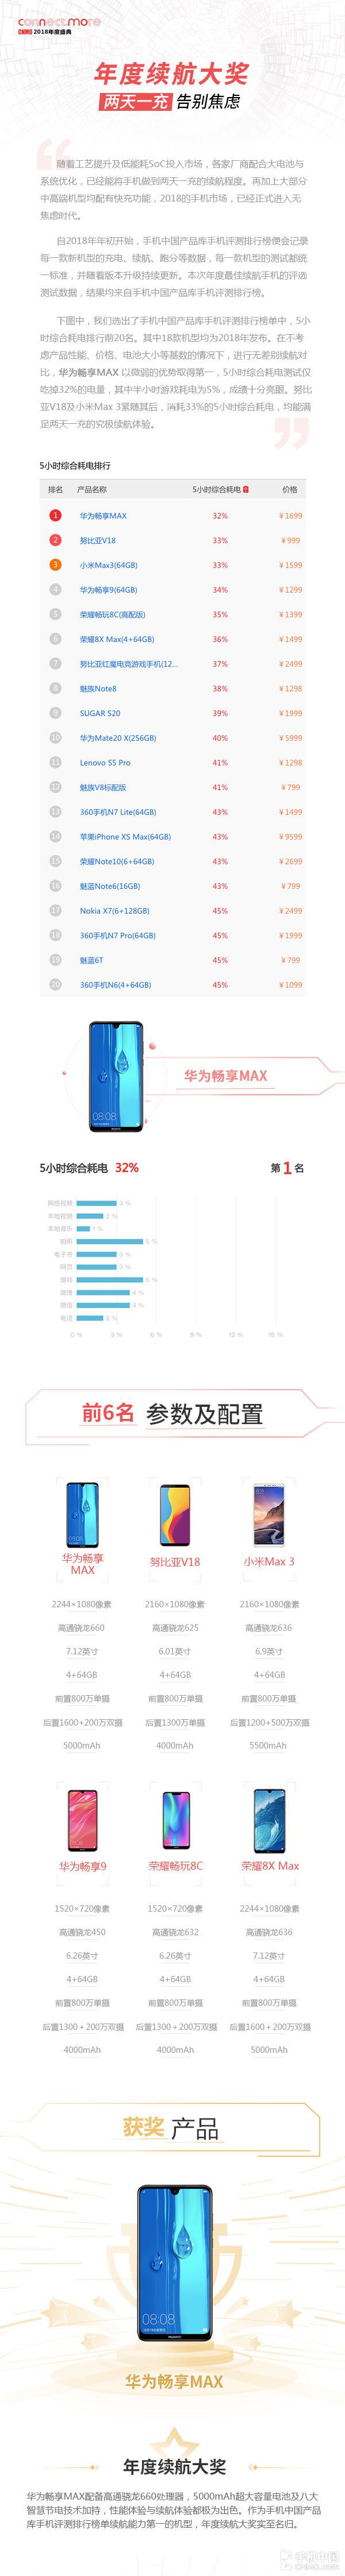 年度续航手机 华为畅享MAX引领手机中国续航榜单